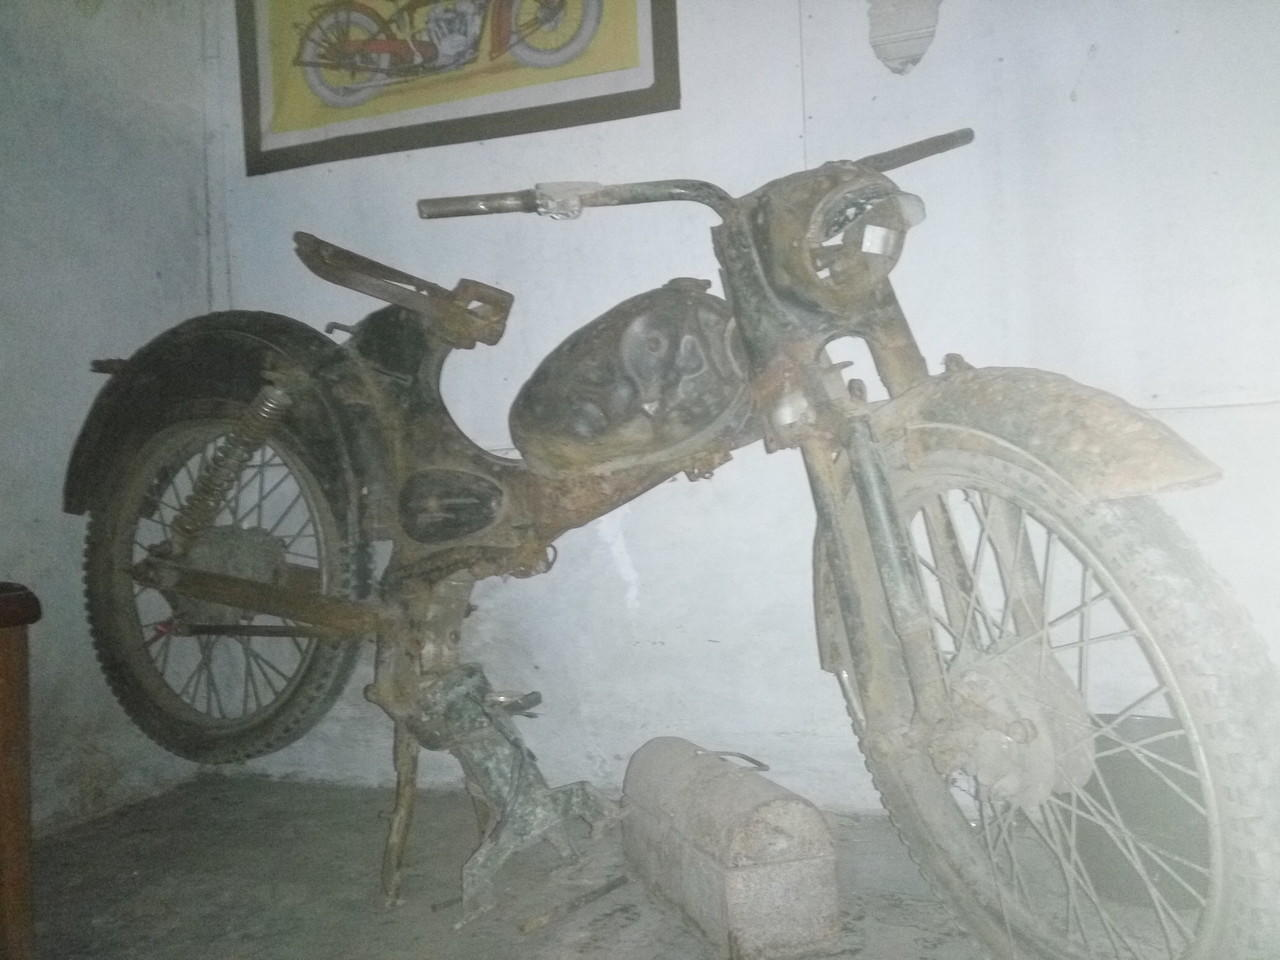 Ada yg tau gk ini motor apa